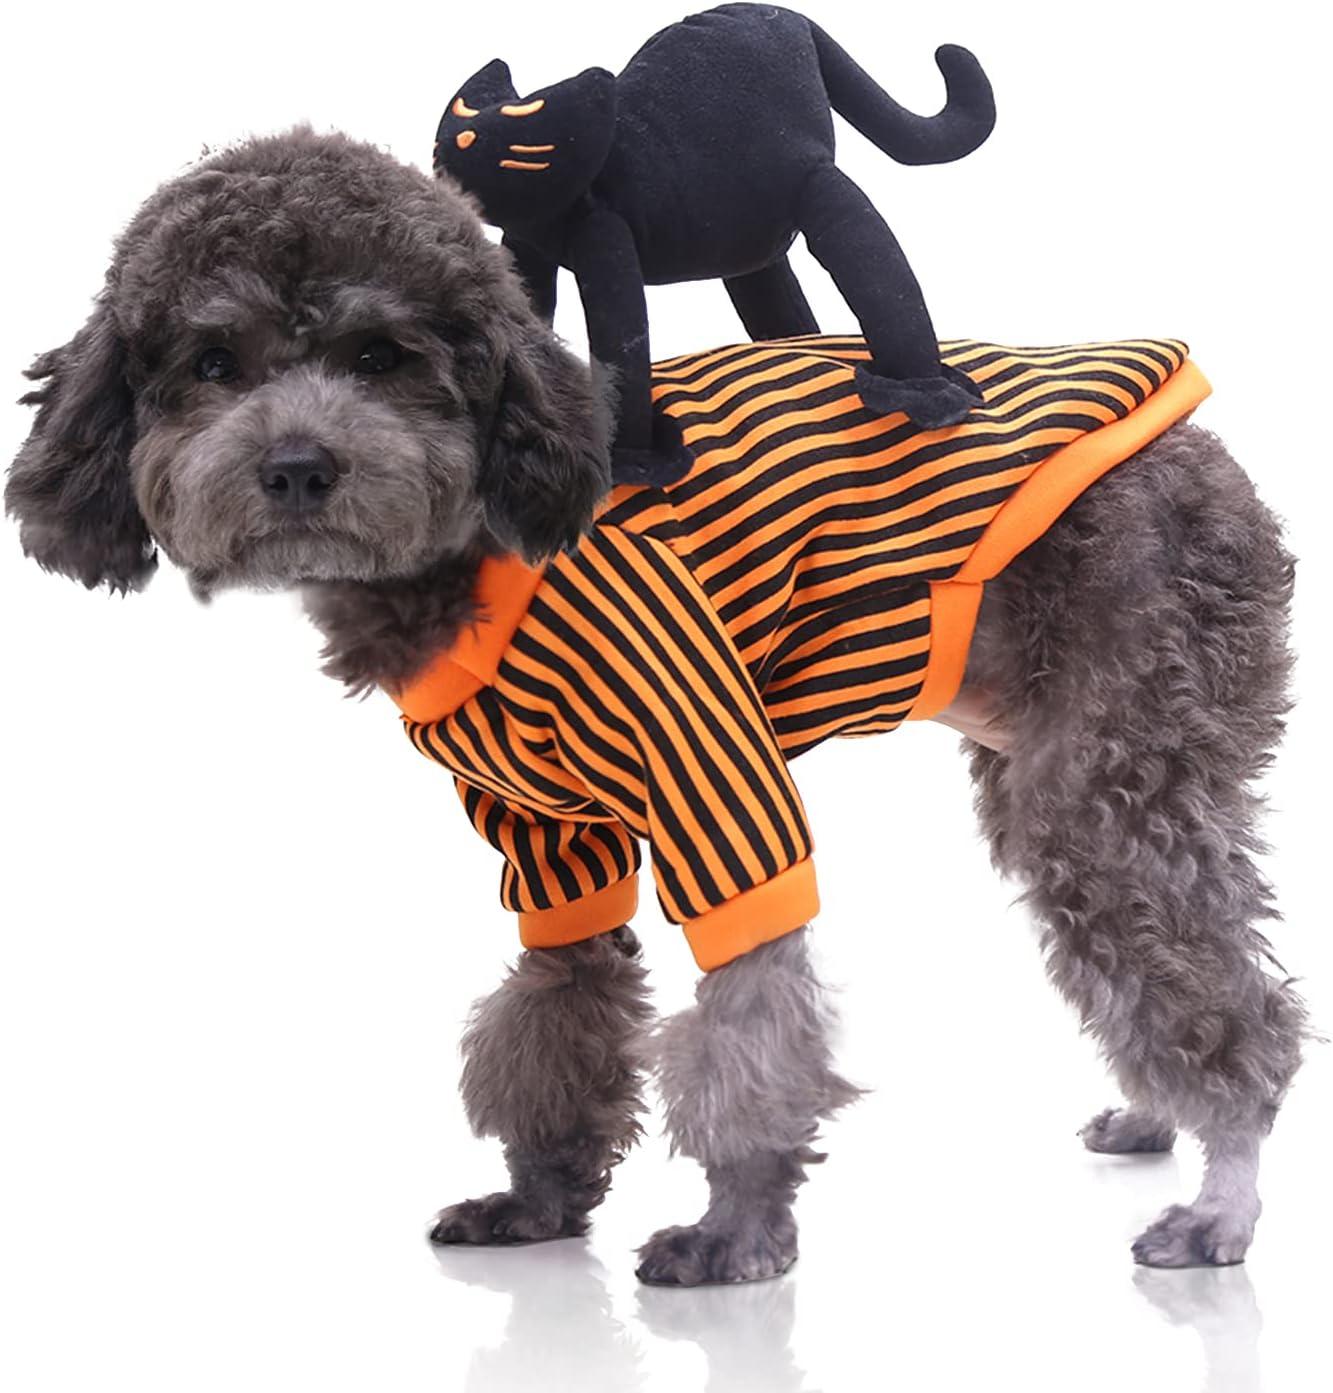 Halloween Disfraz para Perro, Halloween Disfraz Perro Halloween Ropa Gato Halloween Ropa Perro de Halloween para Perros Decoración de Fiesta de Halloween